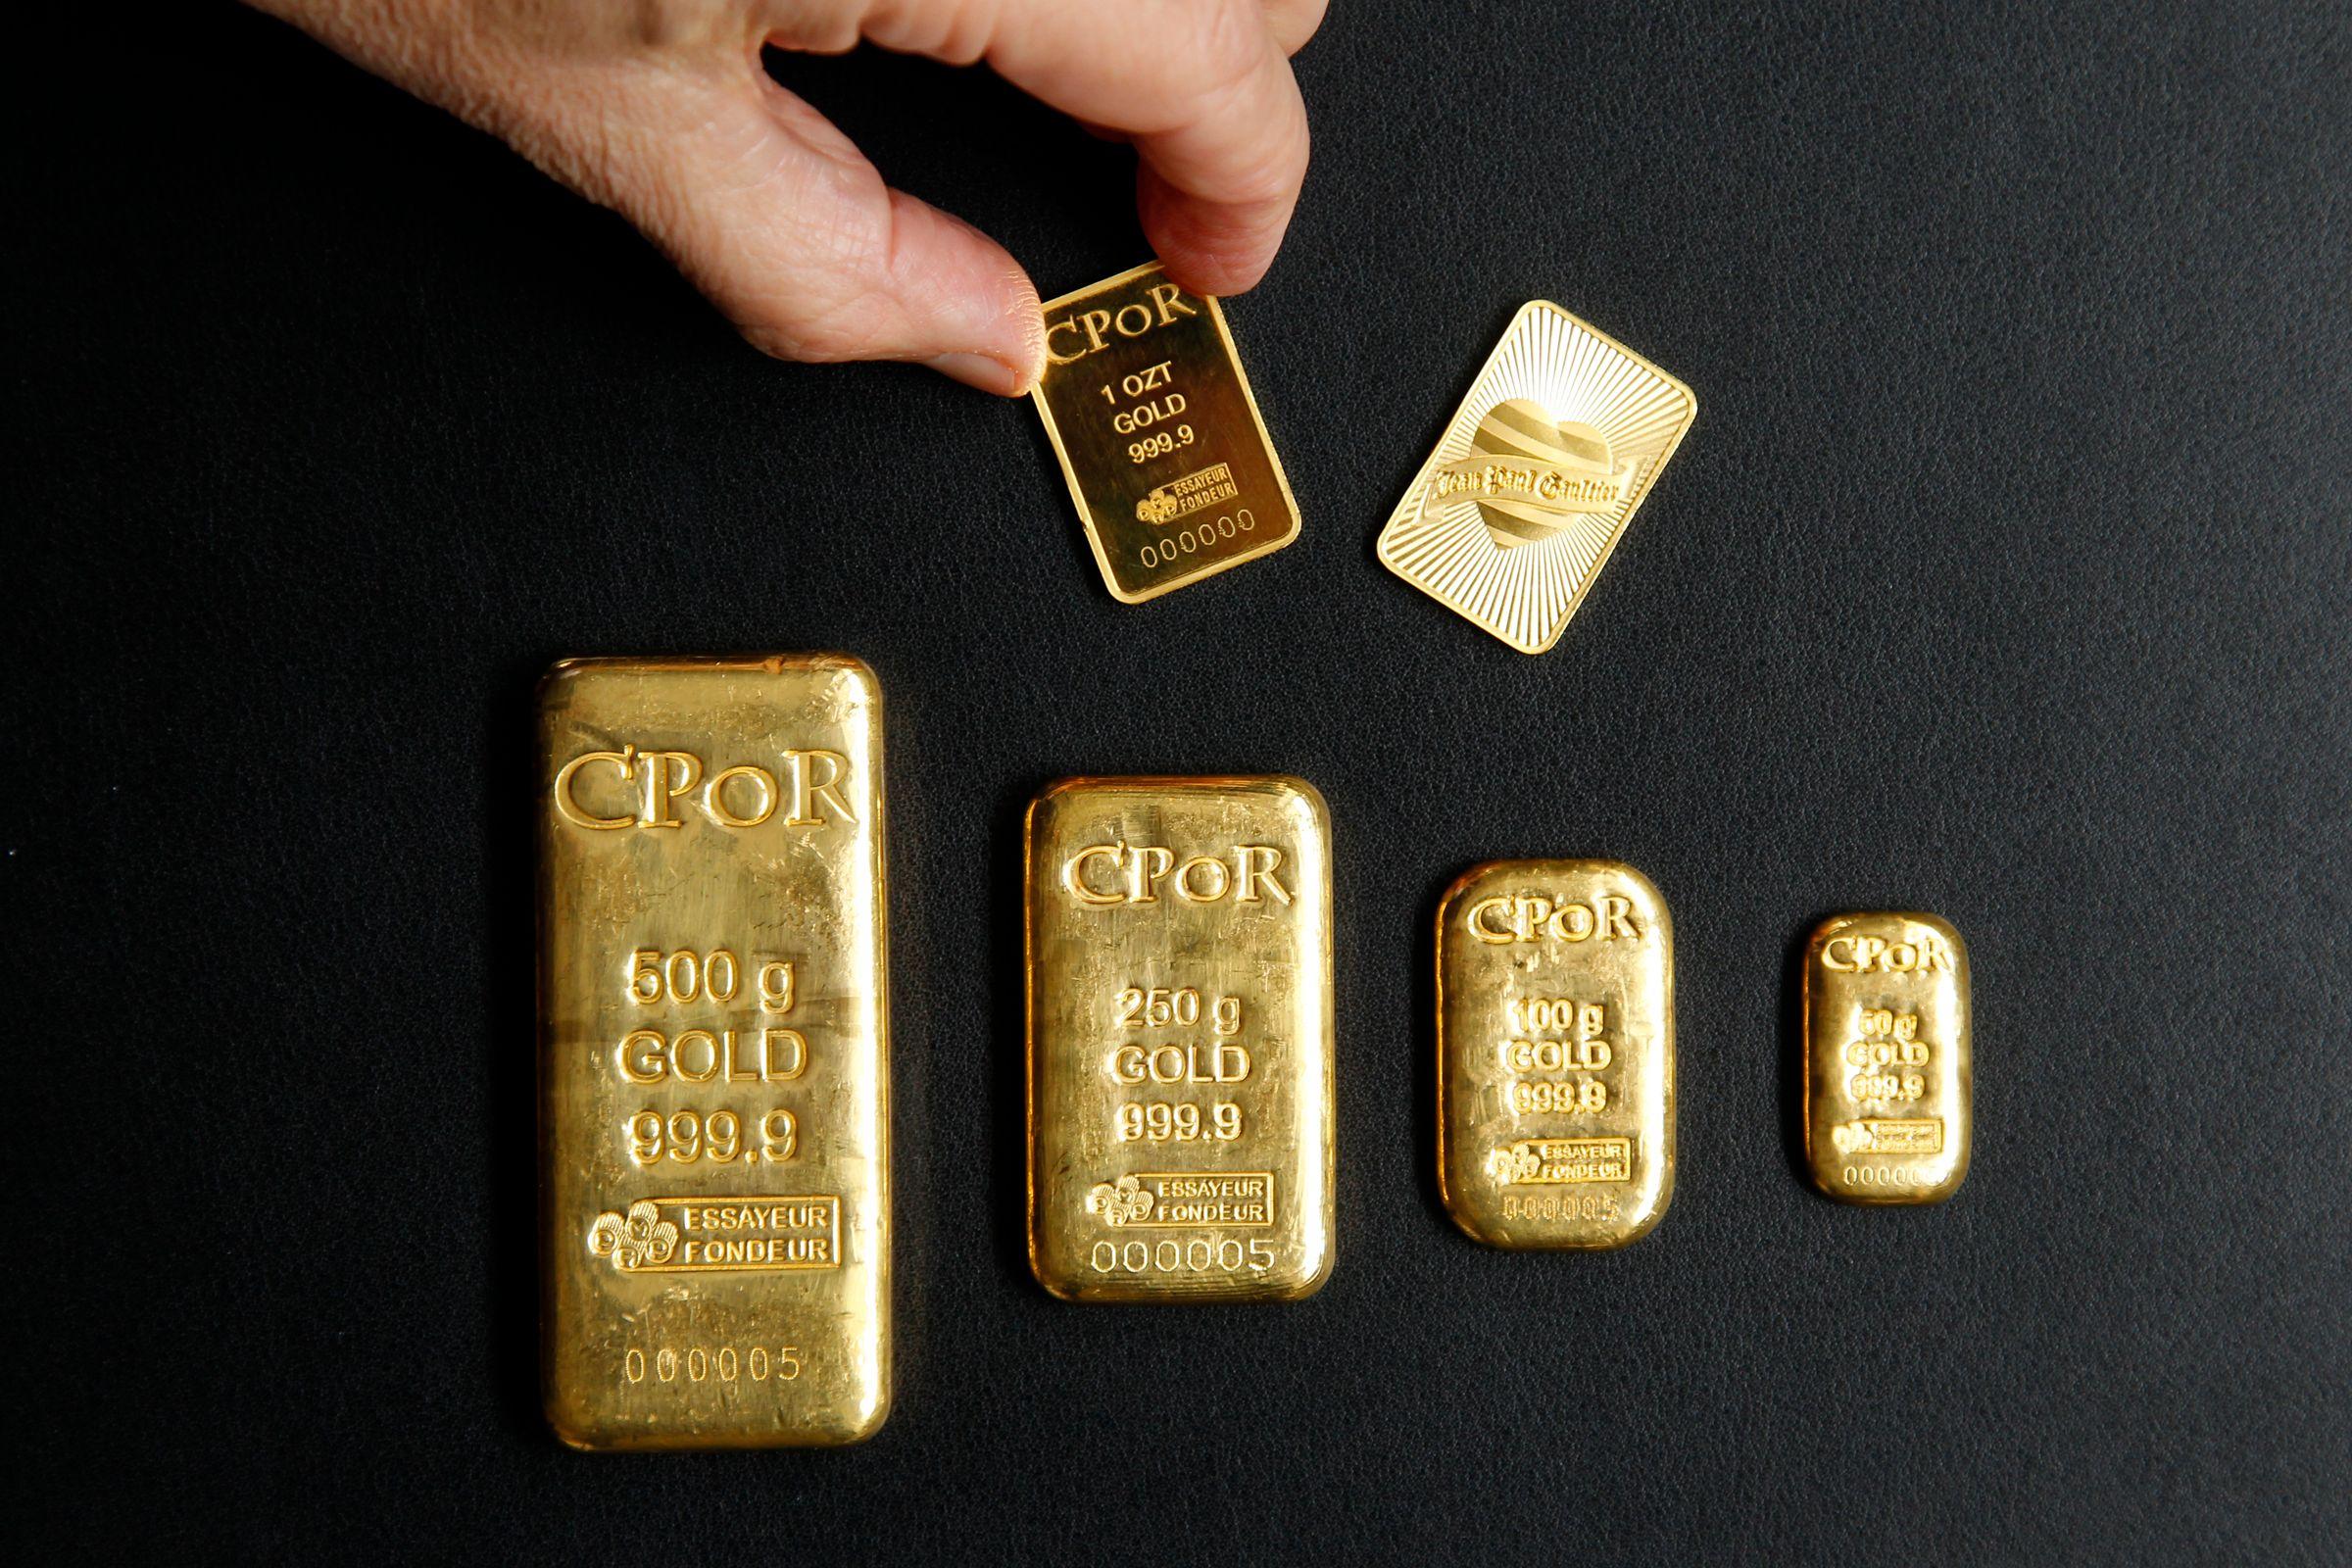 """La Chine achète de l'or discrètement pour """"diversifier ses réserves de change"""", comme on dit pudiquement, et pousse ces citoyens à en acquérir."""